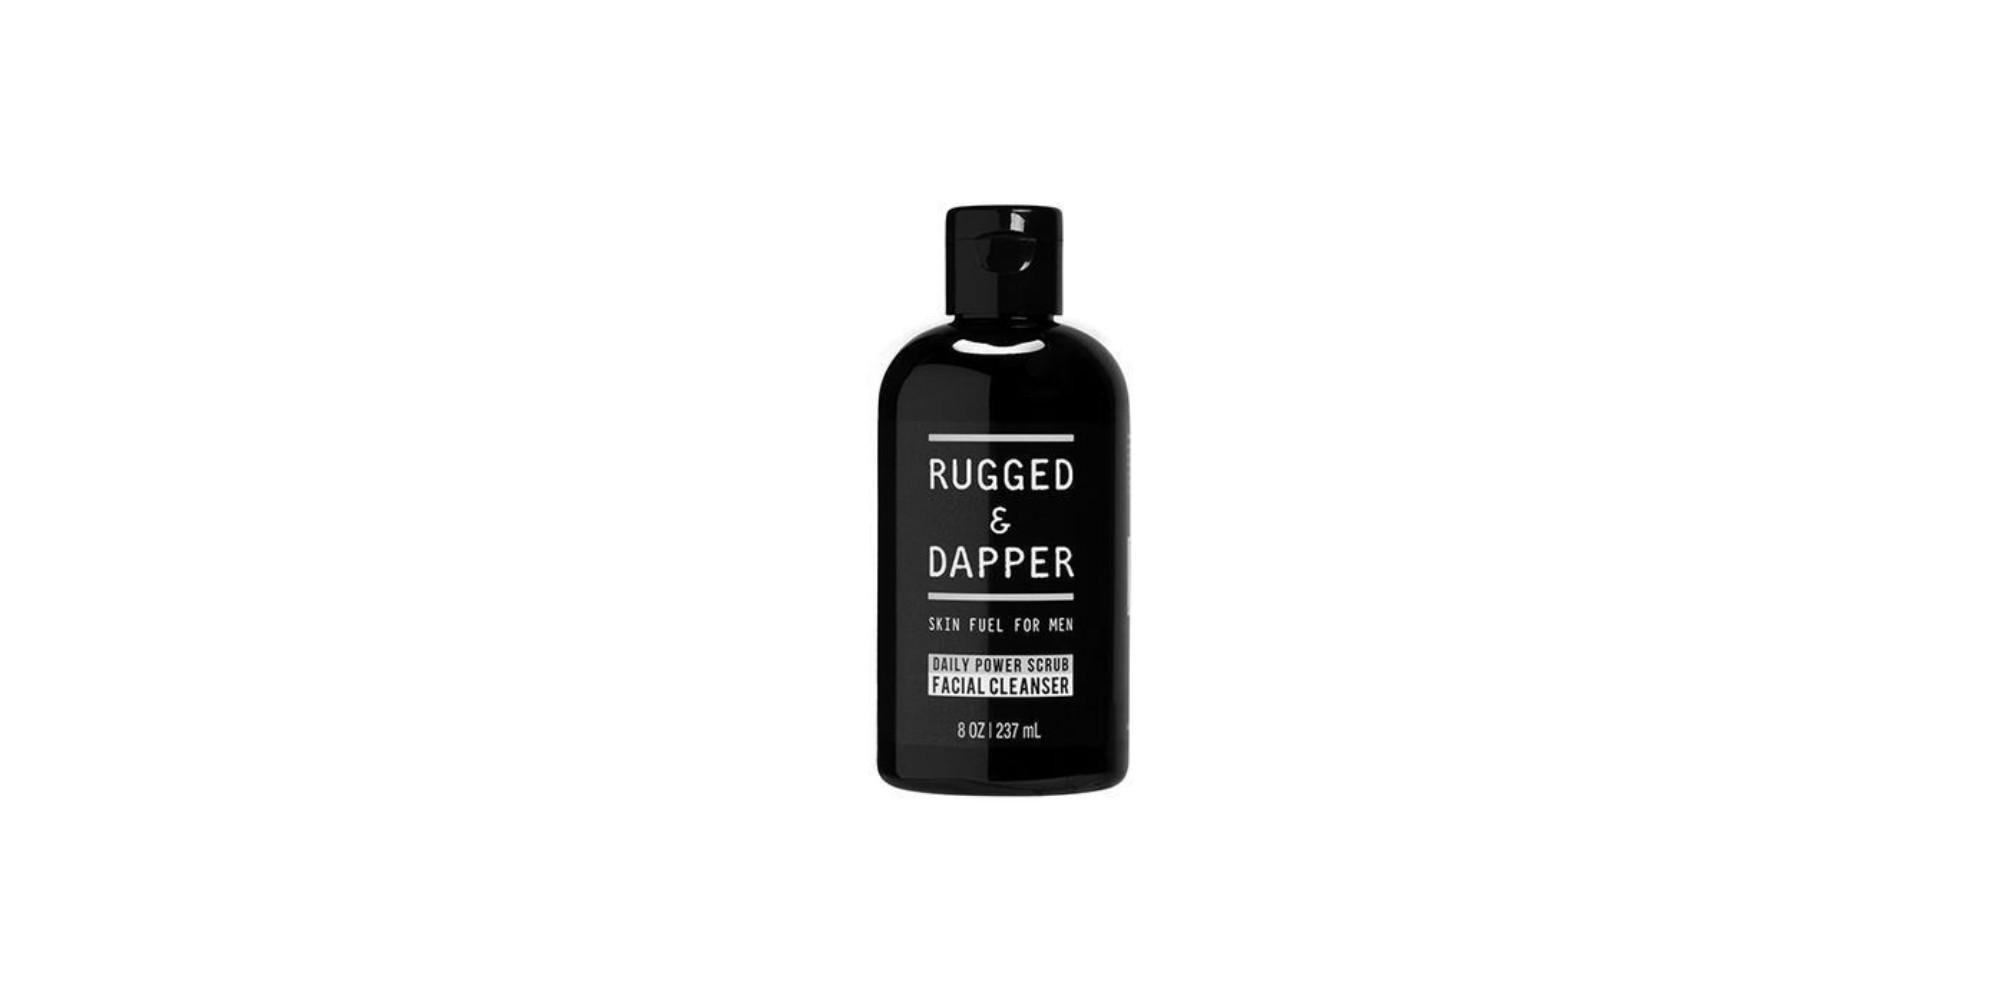 Rugged & Dapper Facial Cleanser For Men